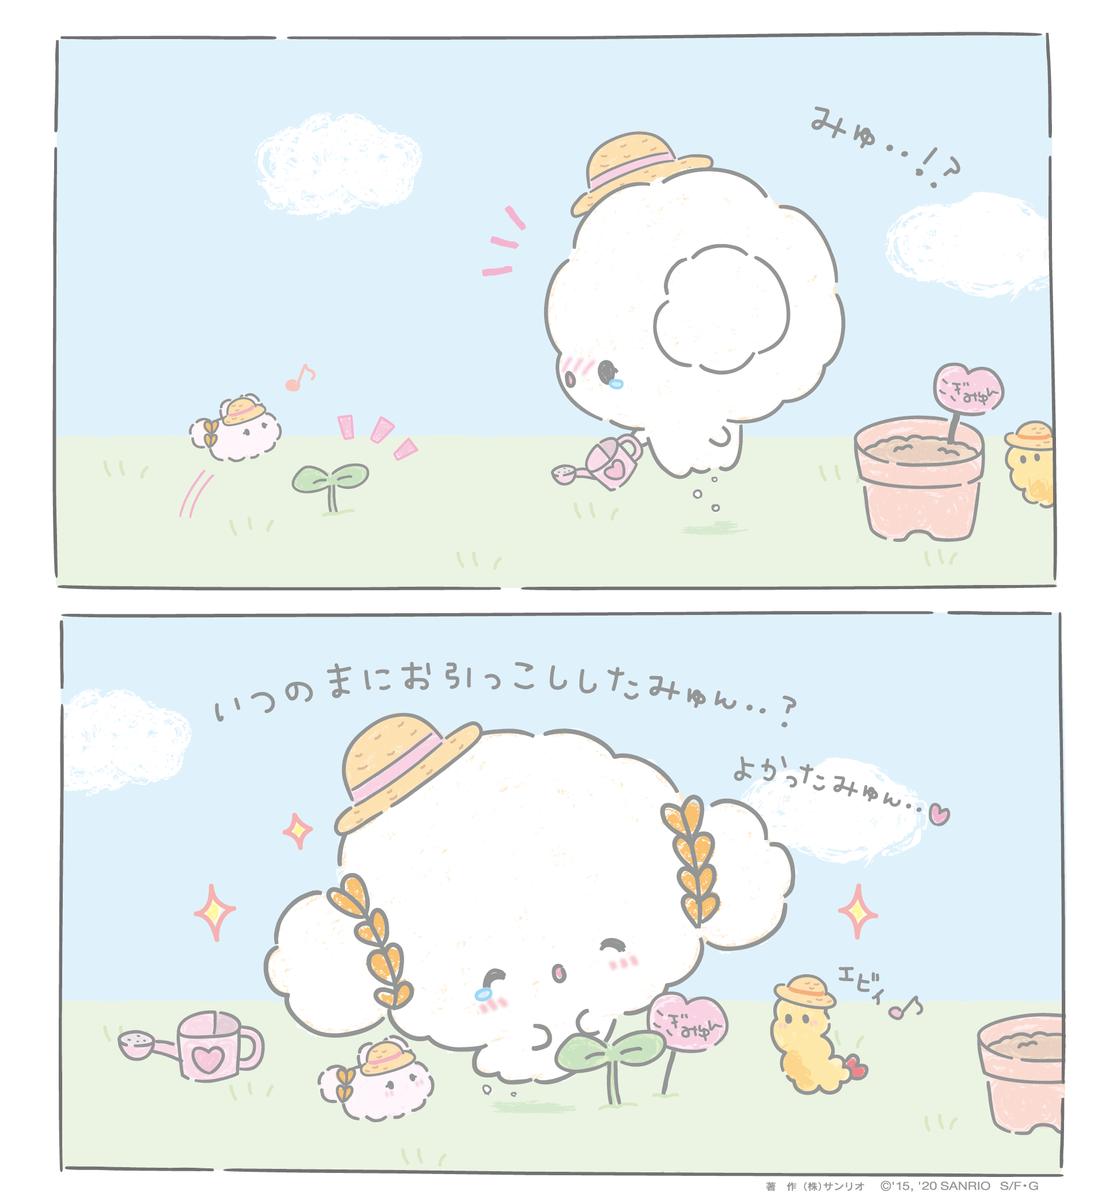 こんなところにいたみゅん・・! 心配したみゅん・・ きれい咲くといいみゅん・・♪#ひまわりのおはなし #こぎみゅん #うさぎさんとお友達